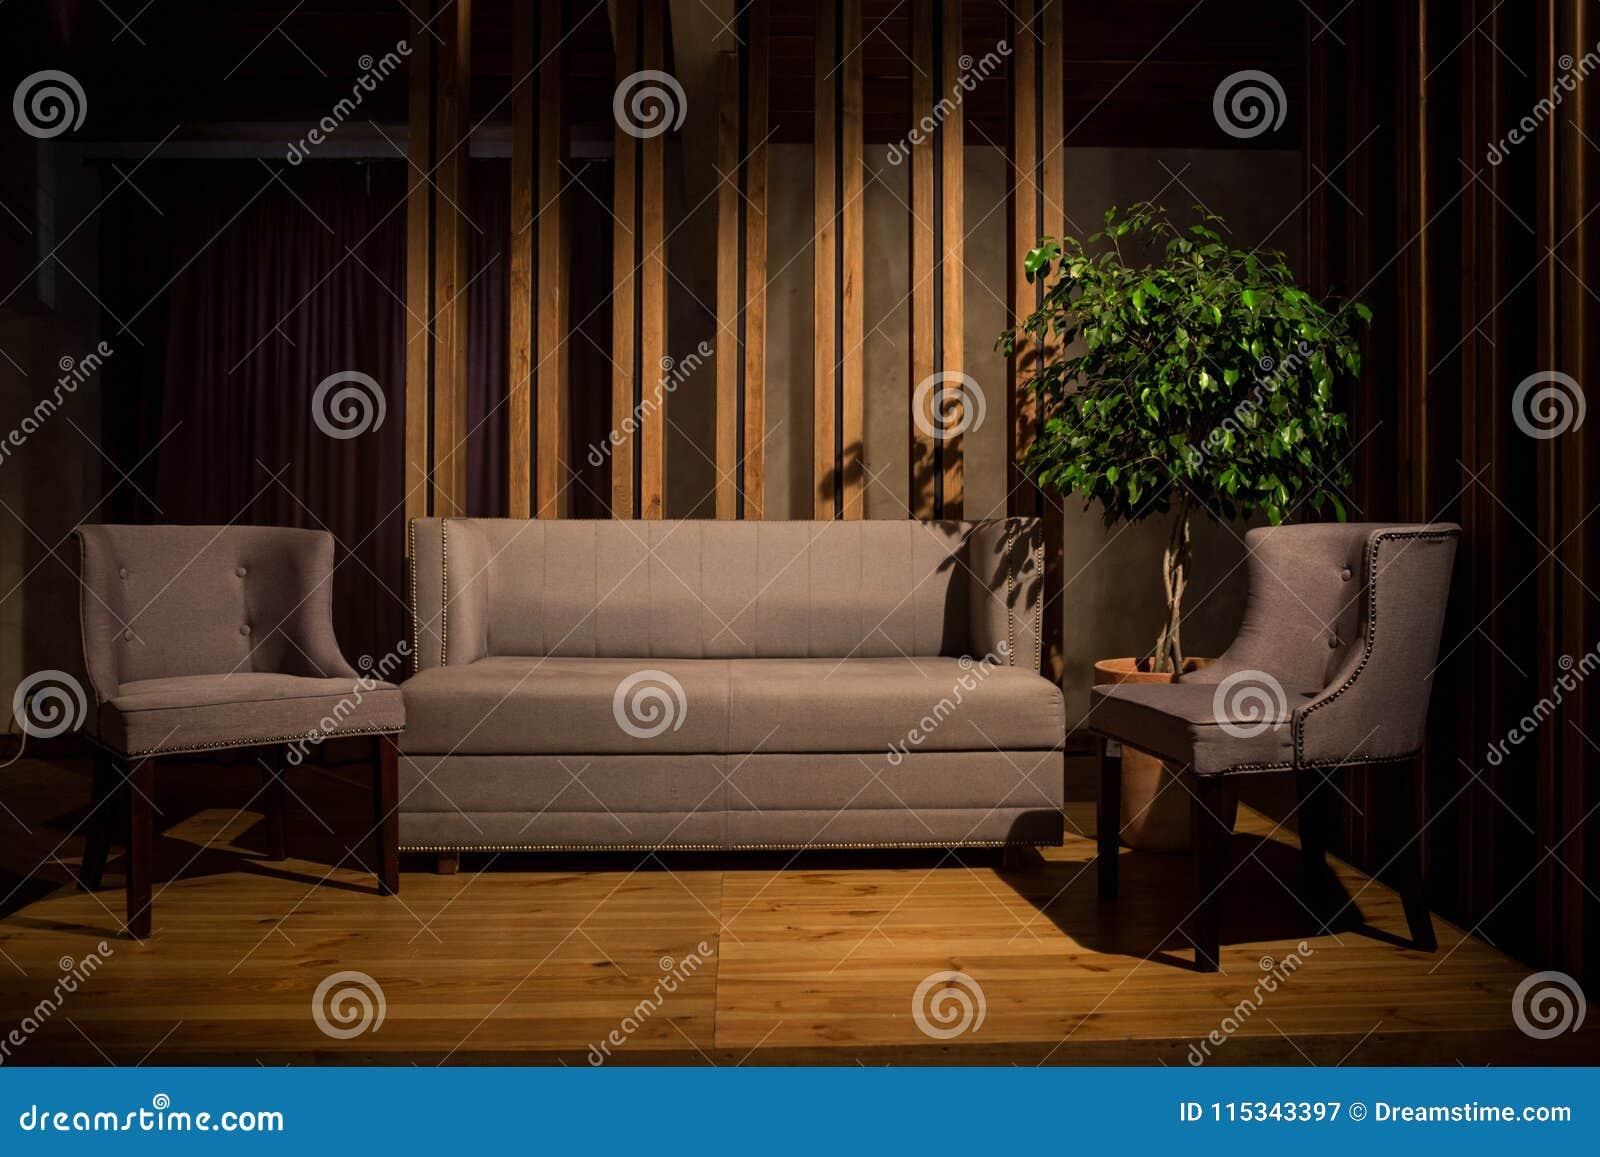 Filmiskt ljus En grå soffa och två gråa stolar på träben står på ett brunt träpodium